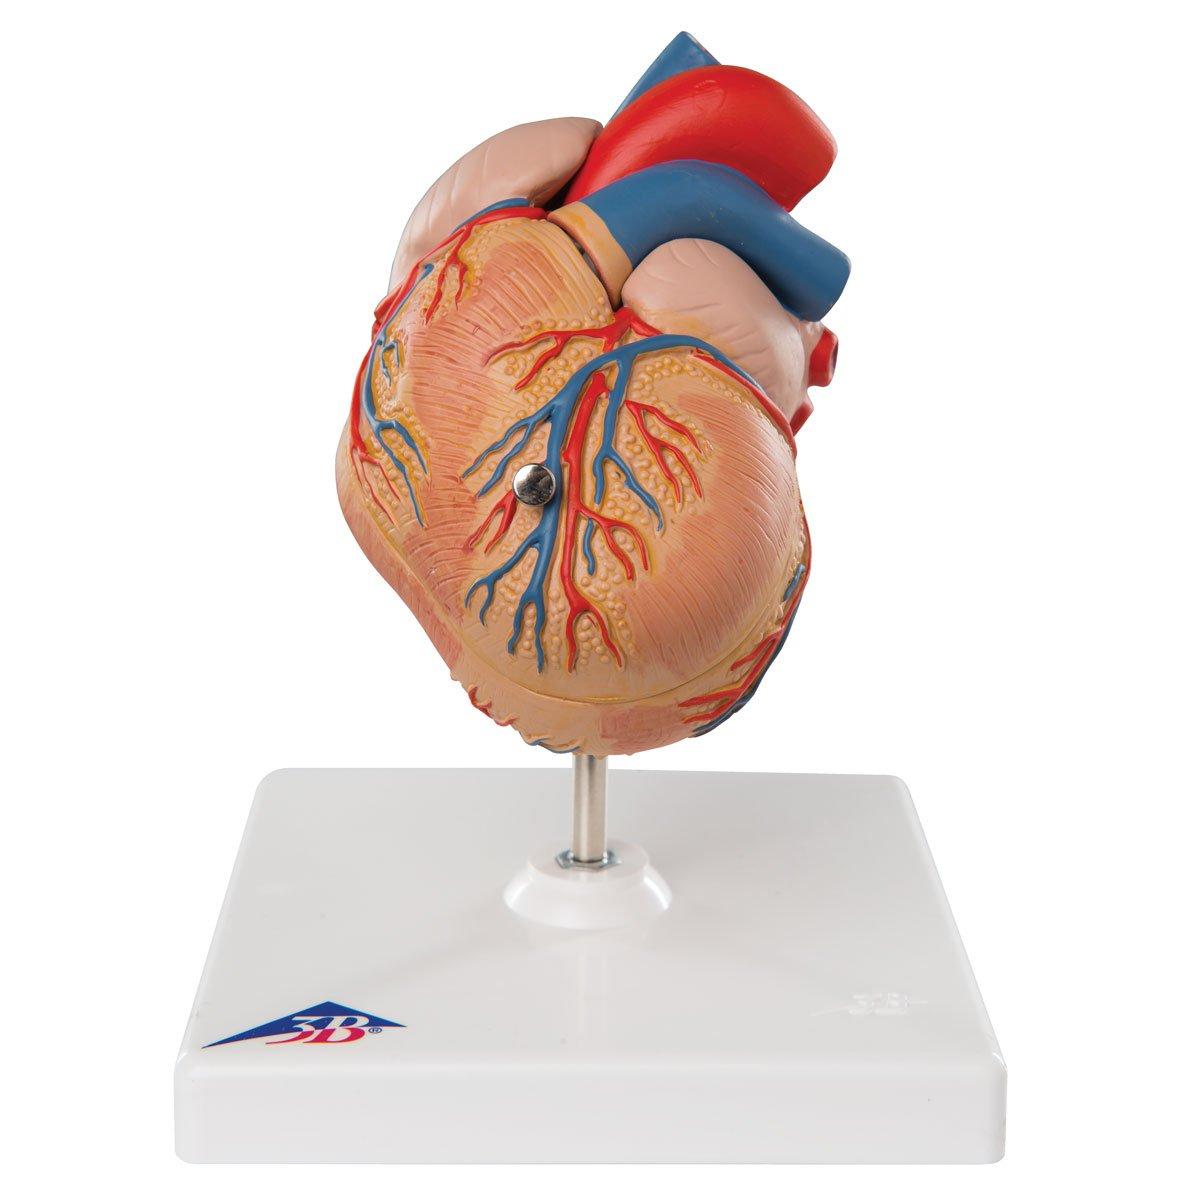 心臓,左心室肥大2分解モデル   B007NCV4V2